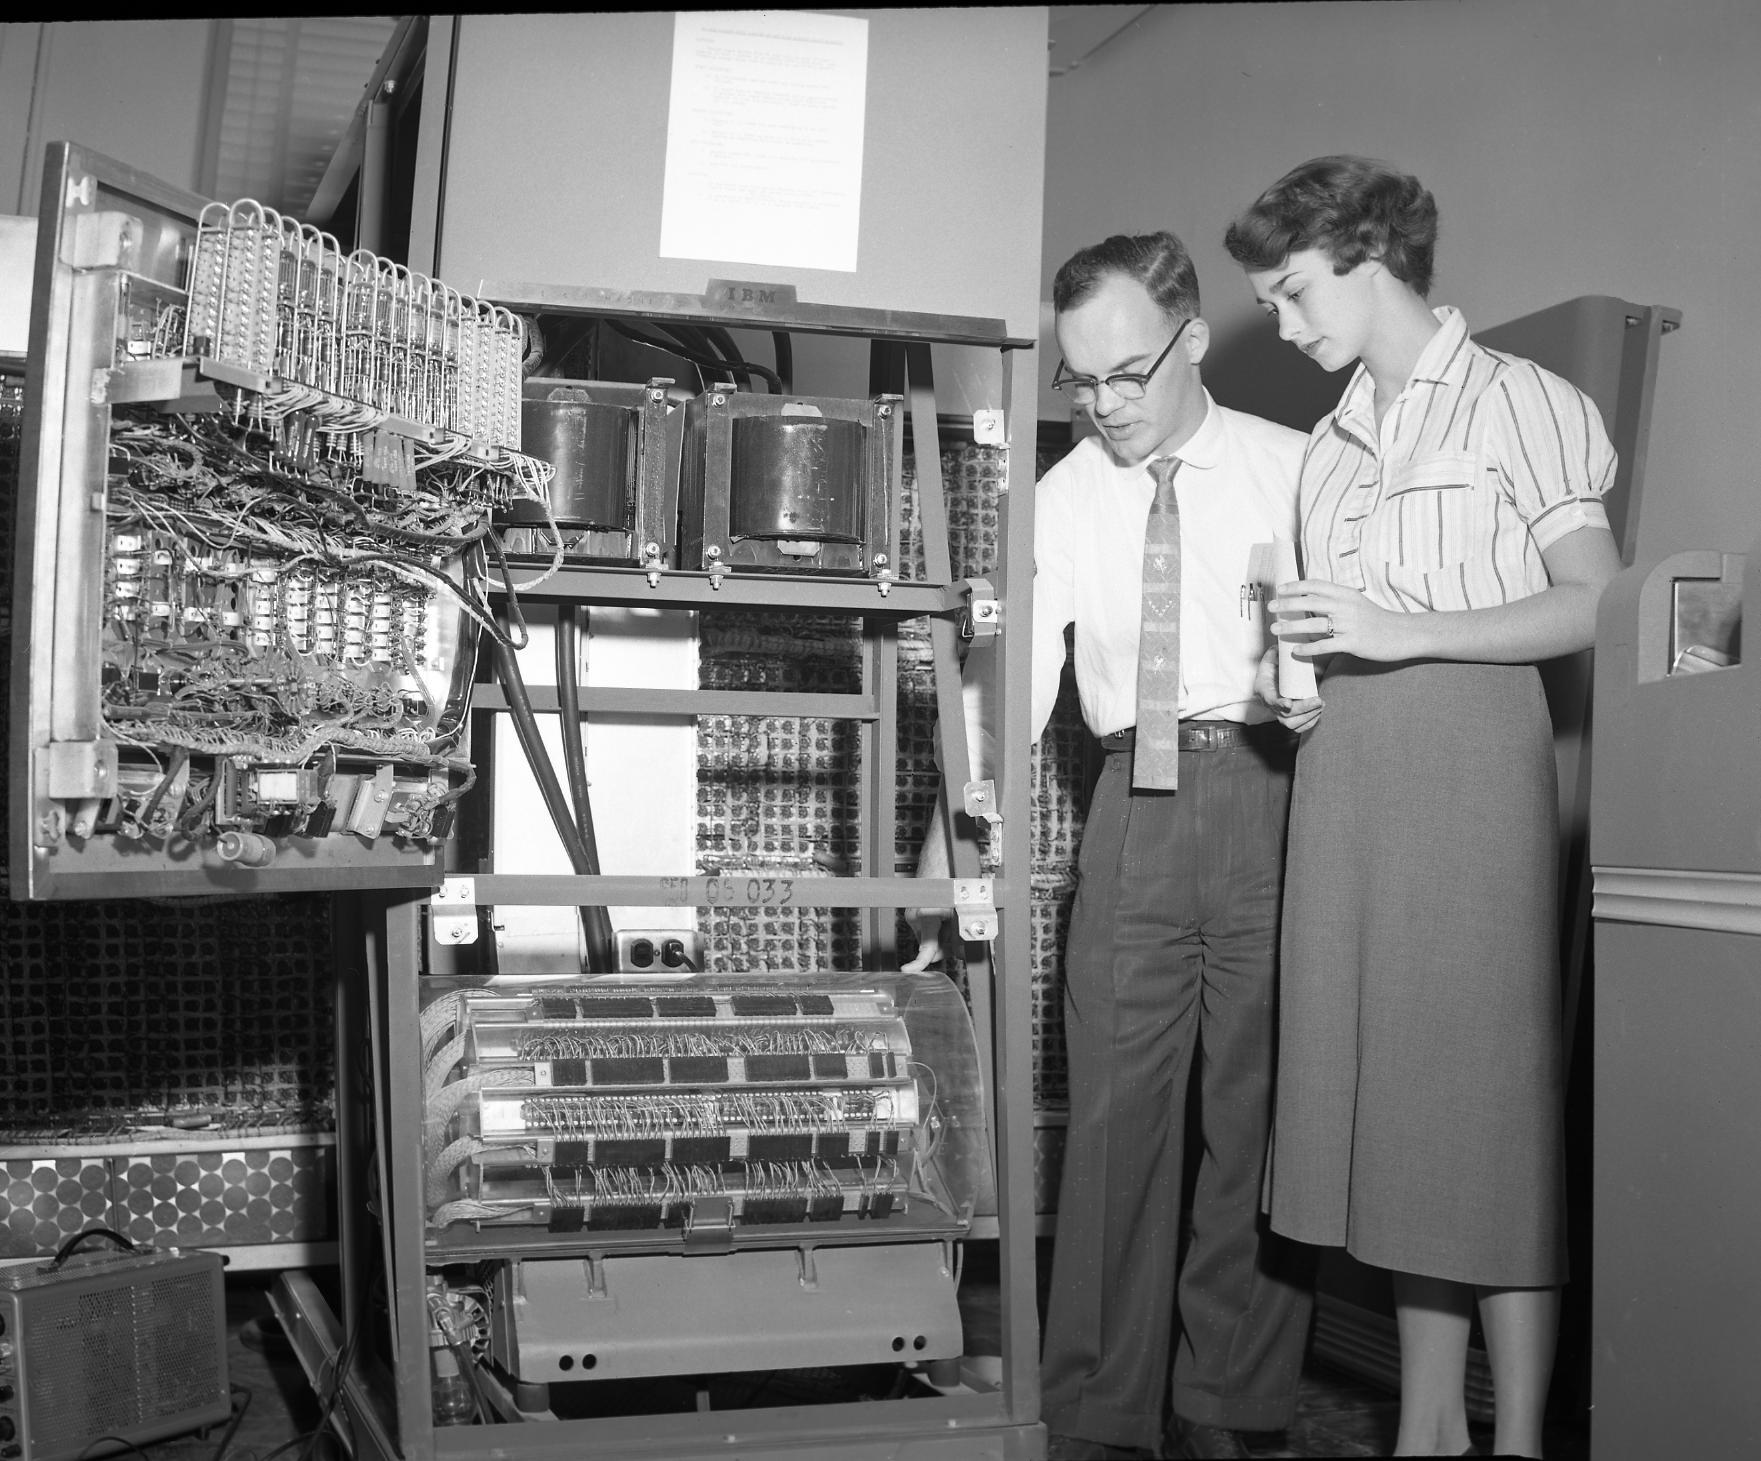 История электронных компьютеров, часть 4: электронная революция - 6